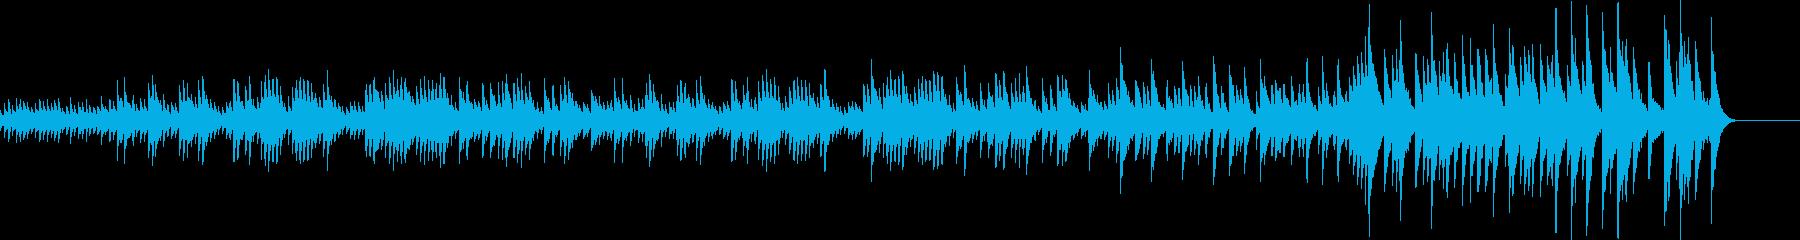 思い出をたどるメランコリックなメロディーの再生済みの波形